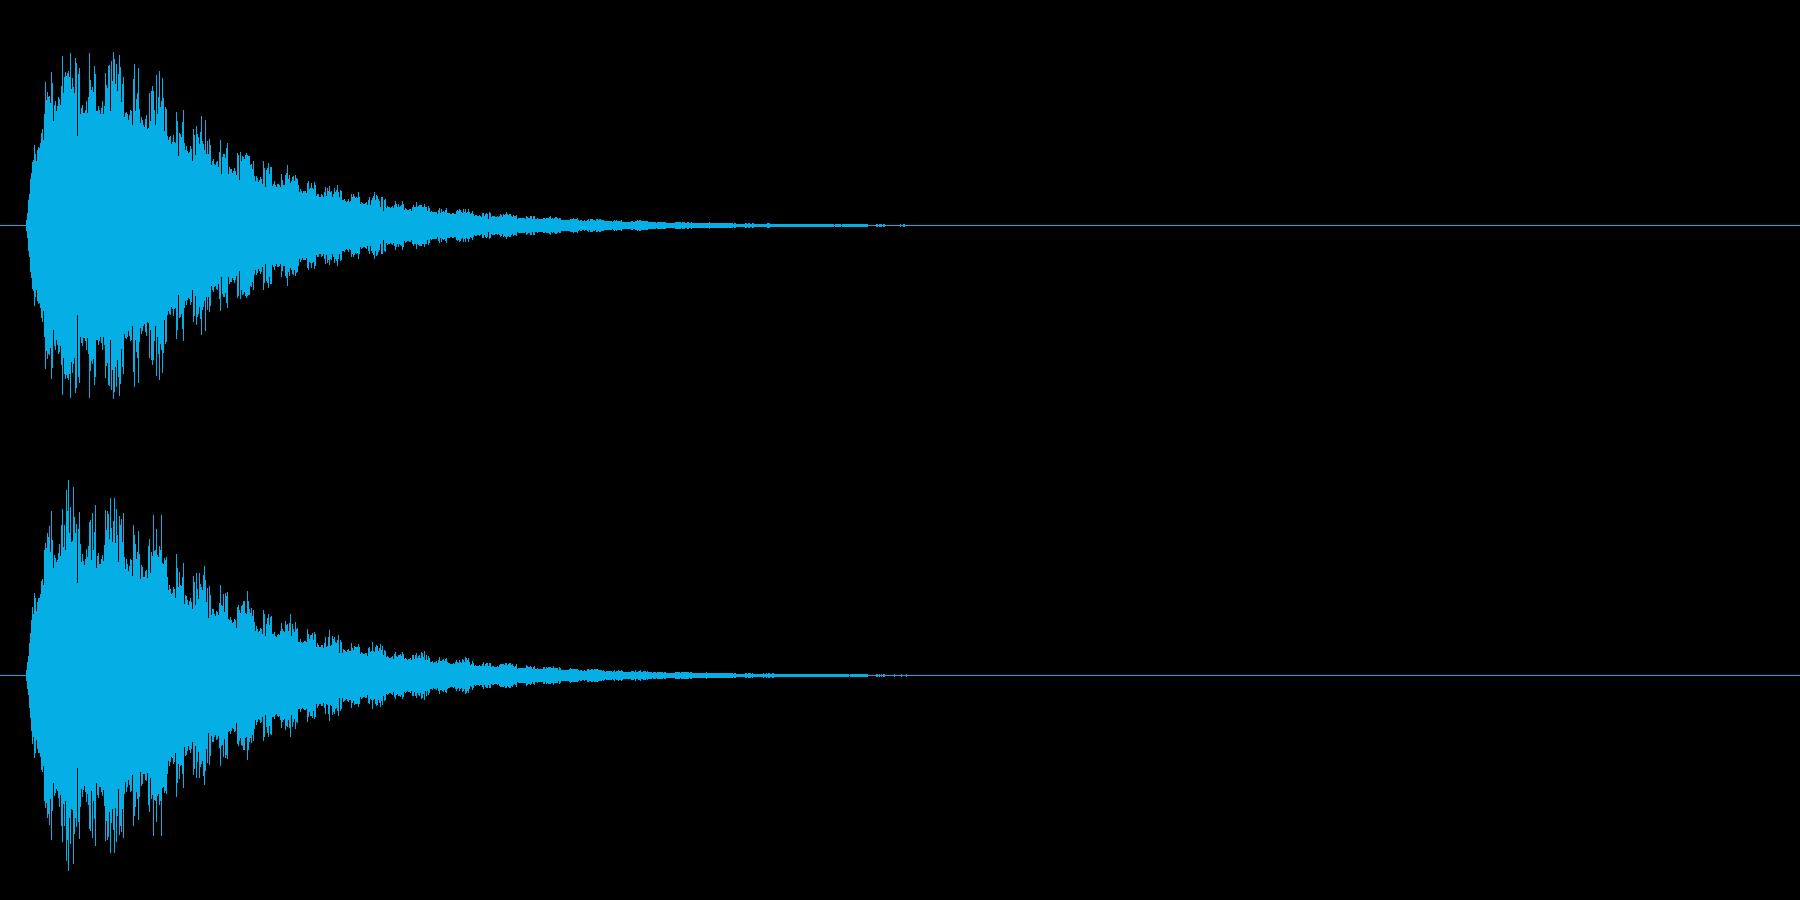 ピィヨォォォンの再生済みの波形